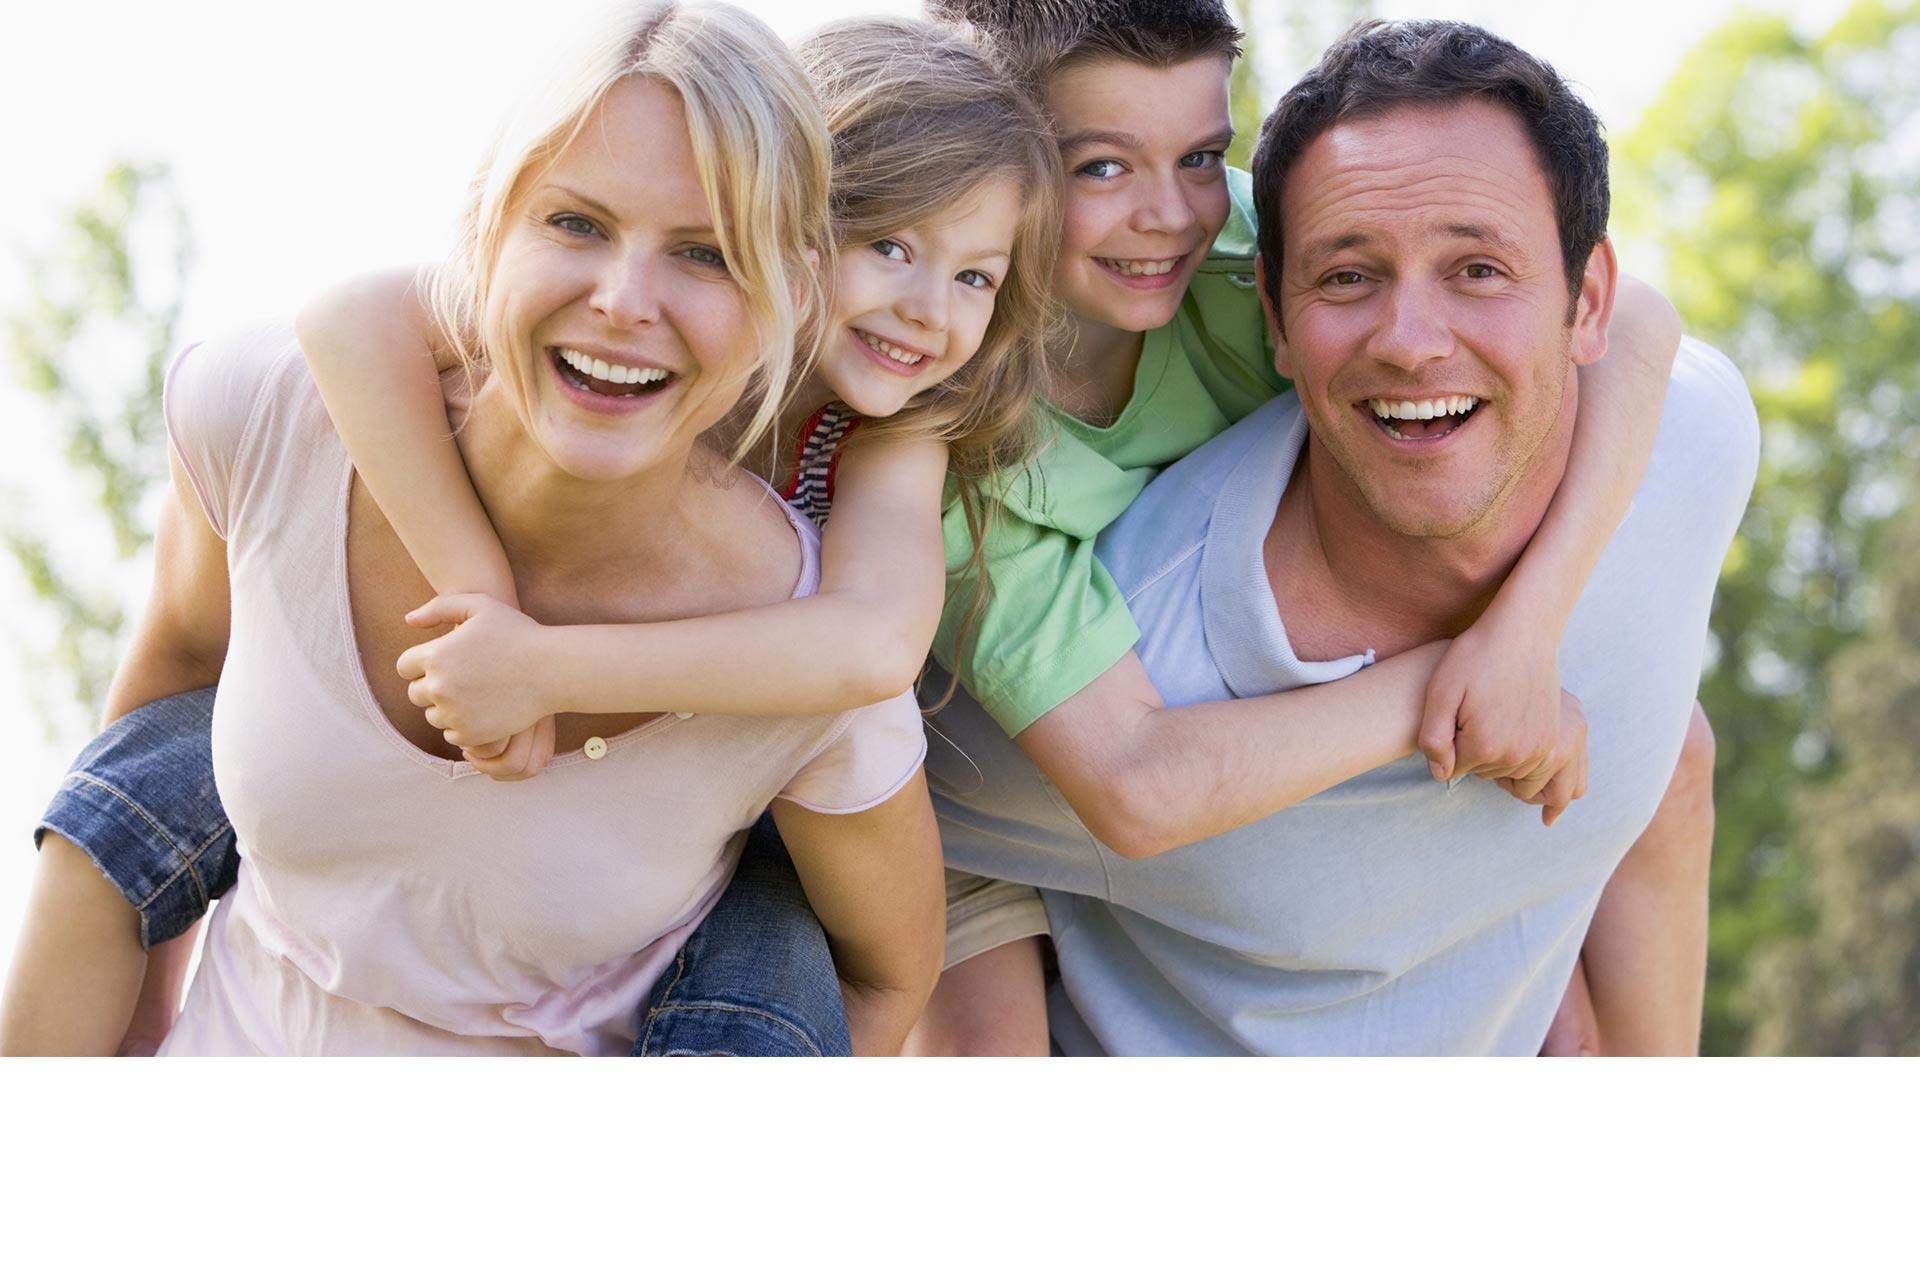 Soggiorni studio all\'estero per famiglie | Libera_Mente Imola